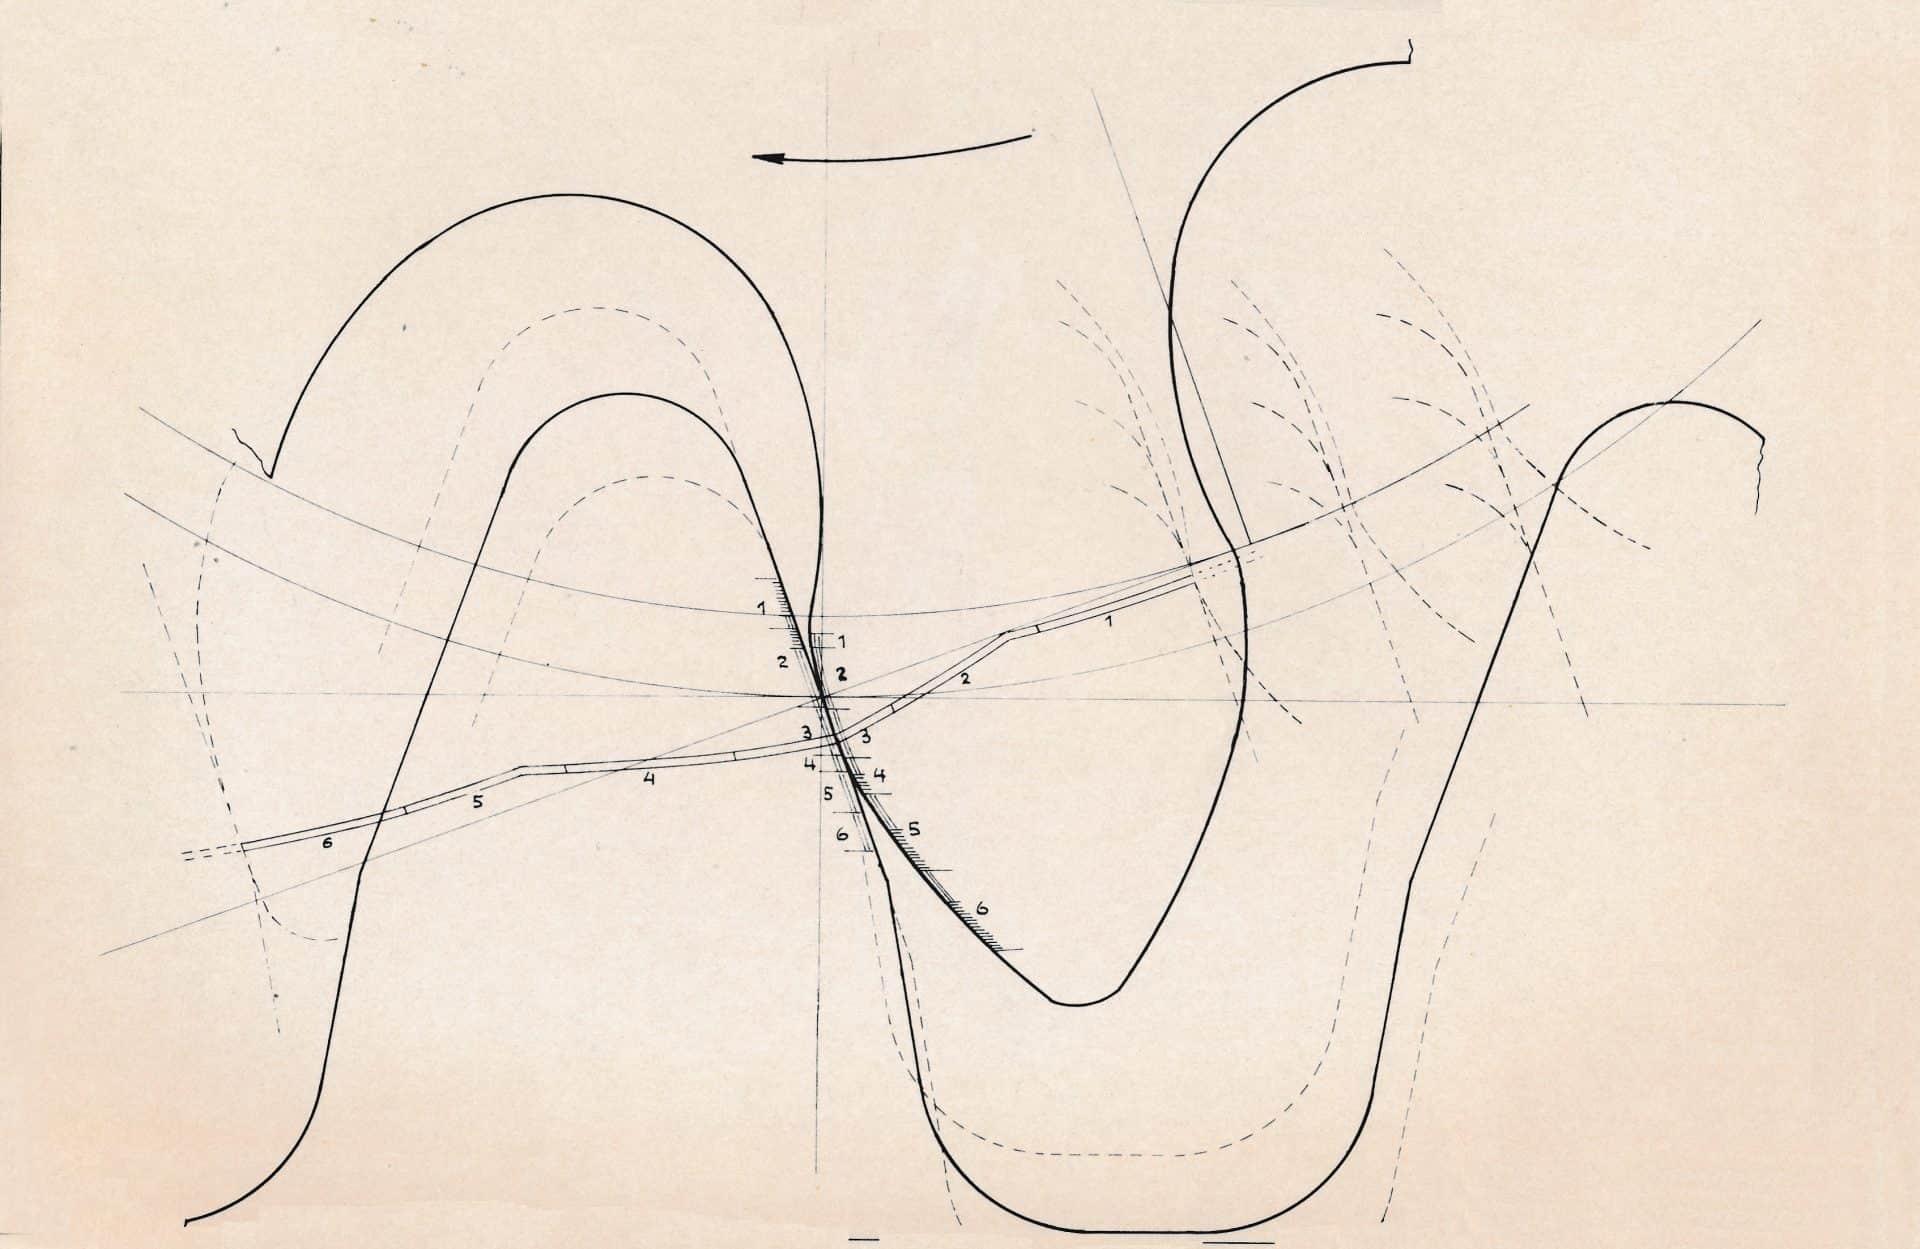 Die von Heinrich Stamm angestellte Berechnung und Zeichnung der Eta-Verzahnung